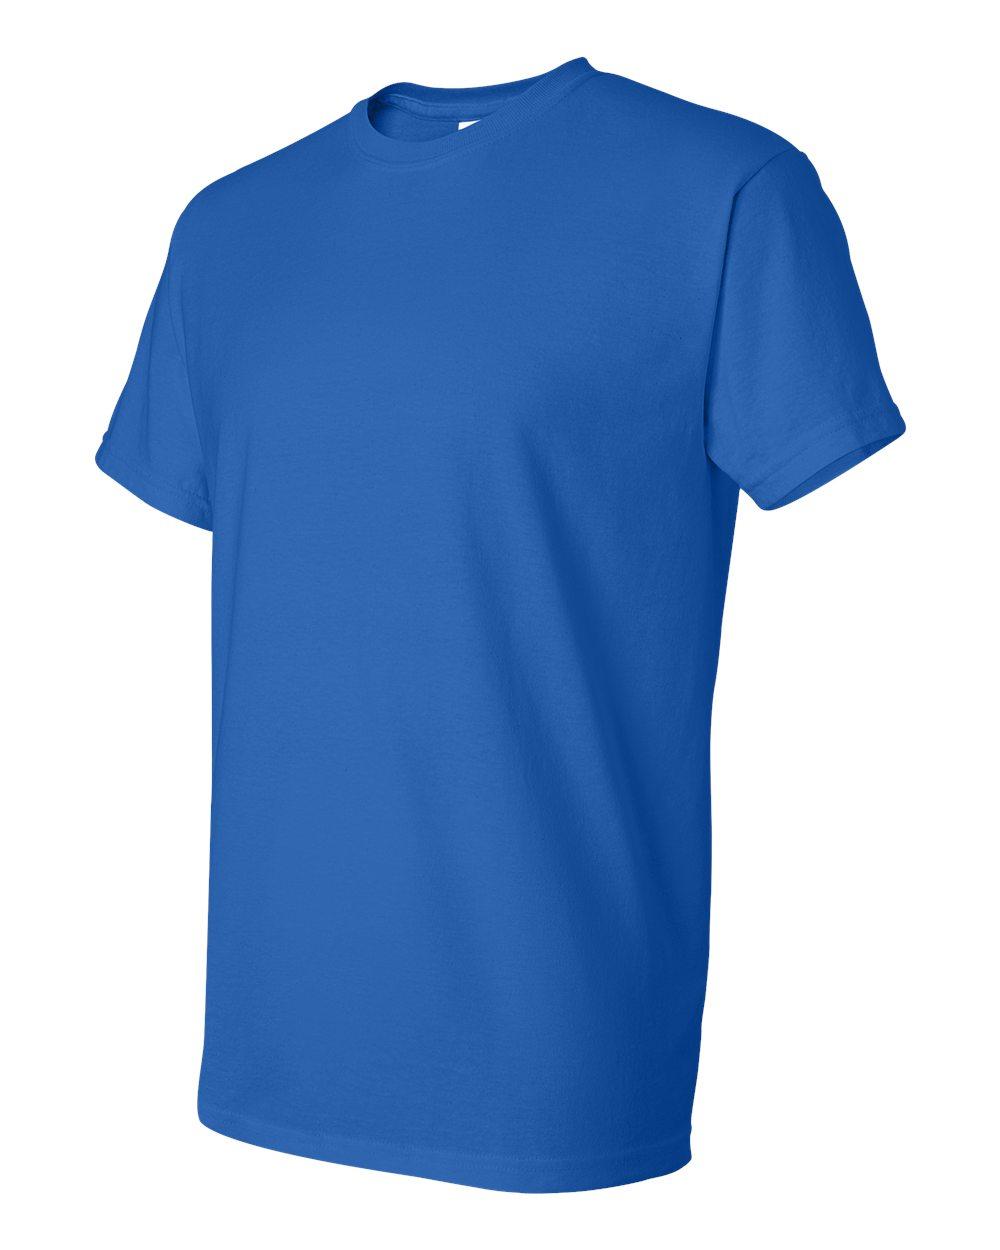 Gildan-Mens-DryBlend-5-6-oz-50-50-T-Shirt-G800-Size-S-5XL thumbnail 74